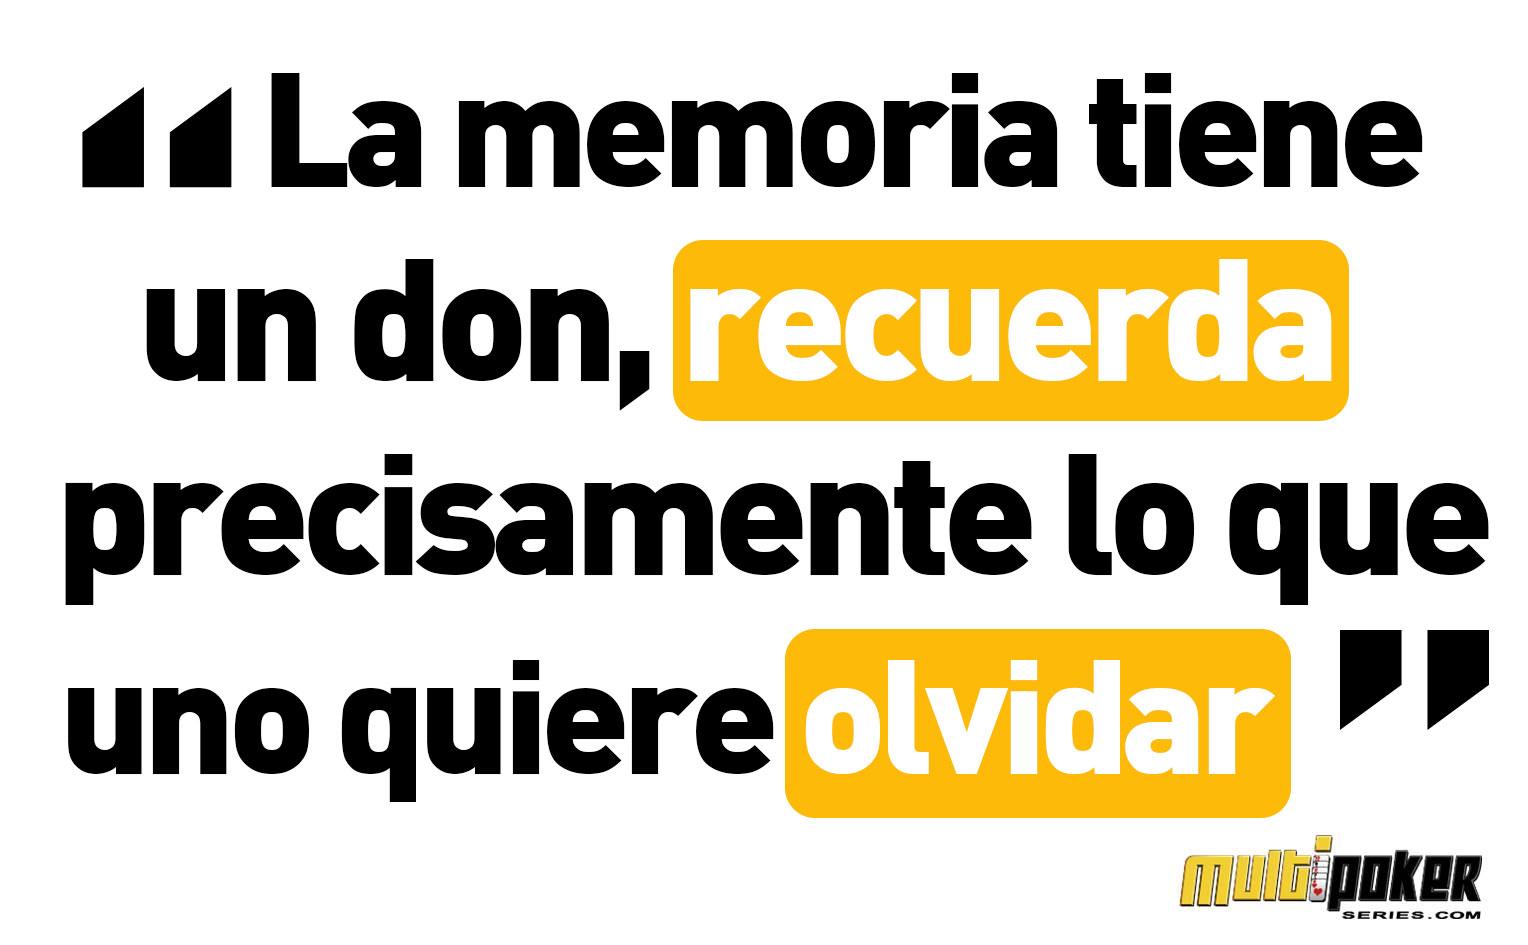 La memoria tiene un don, recuerda precisamente lo que uno quiere olvidar